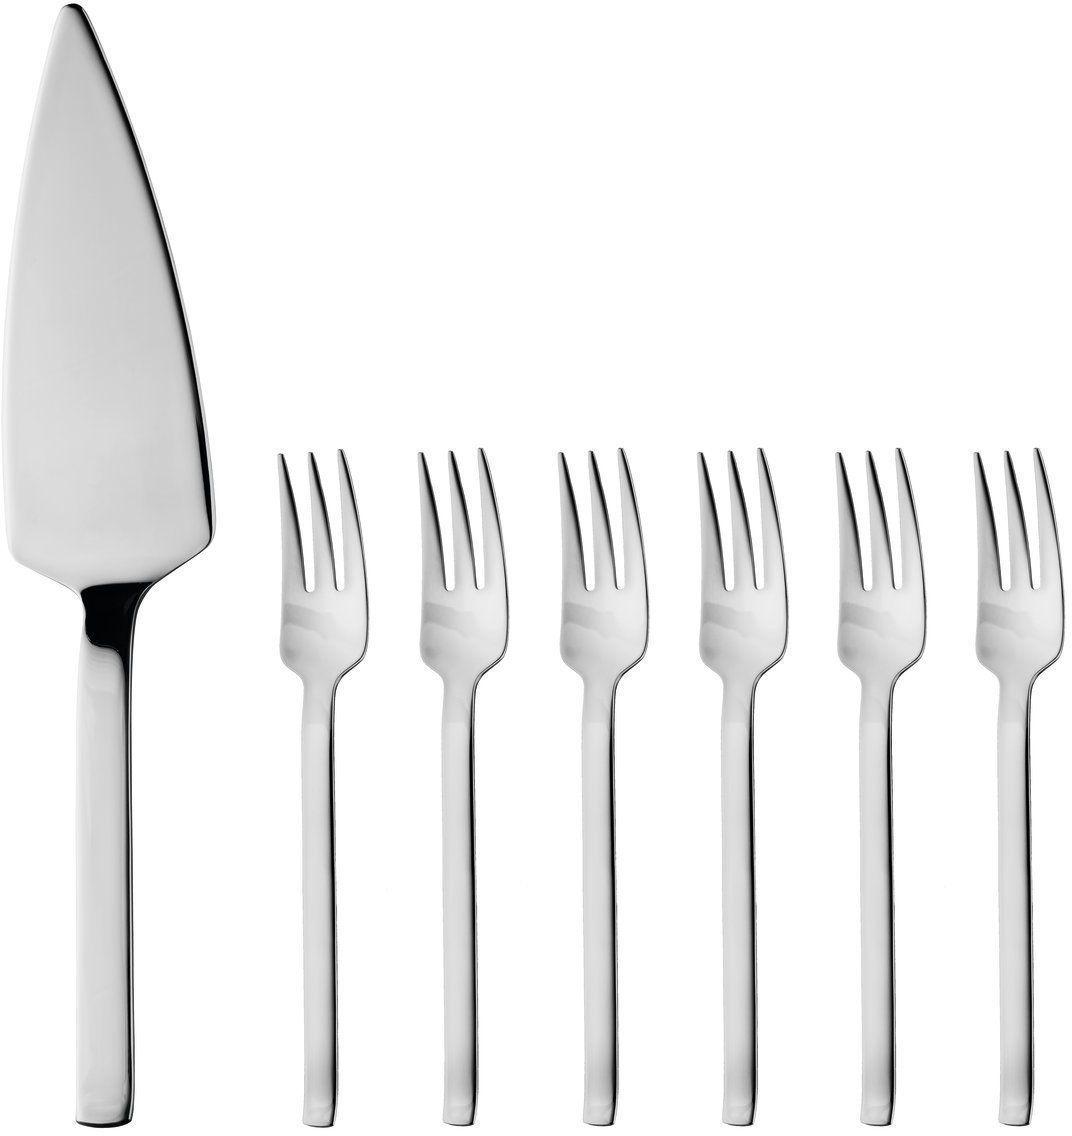 Набор столовых приборов для десерта BergHOFF, 7 предметов8500220Набор столовых приборов для десерта BergHOFF состоит из 6 вилок и лопатки. Изделия выполнены из стали. Такой набор наполнит вашу кухню уютом и вдохнет в нее новую жизнь.